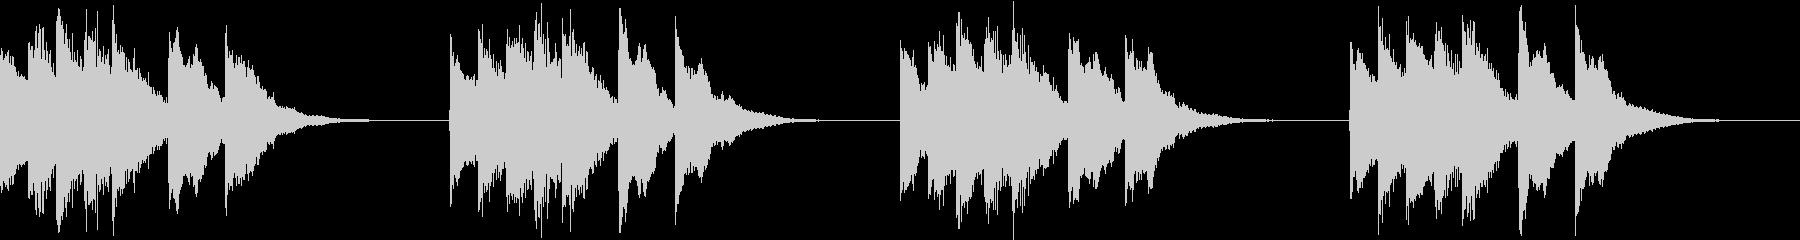 シンプル ベル 着信音 チャイム A17の未再生の波形